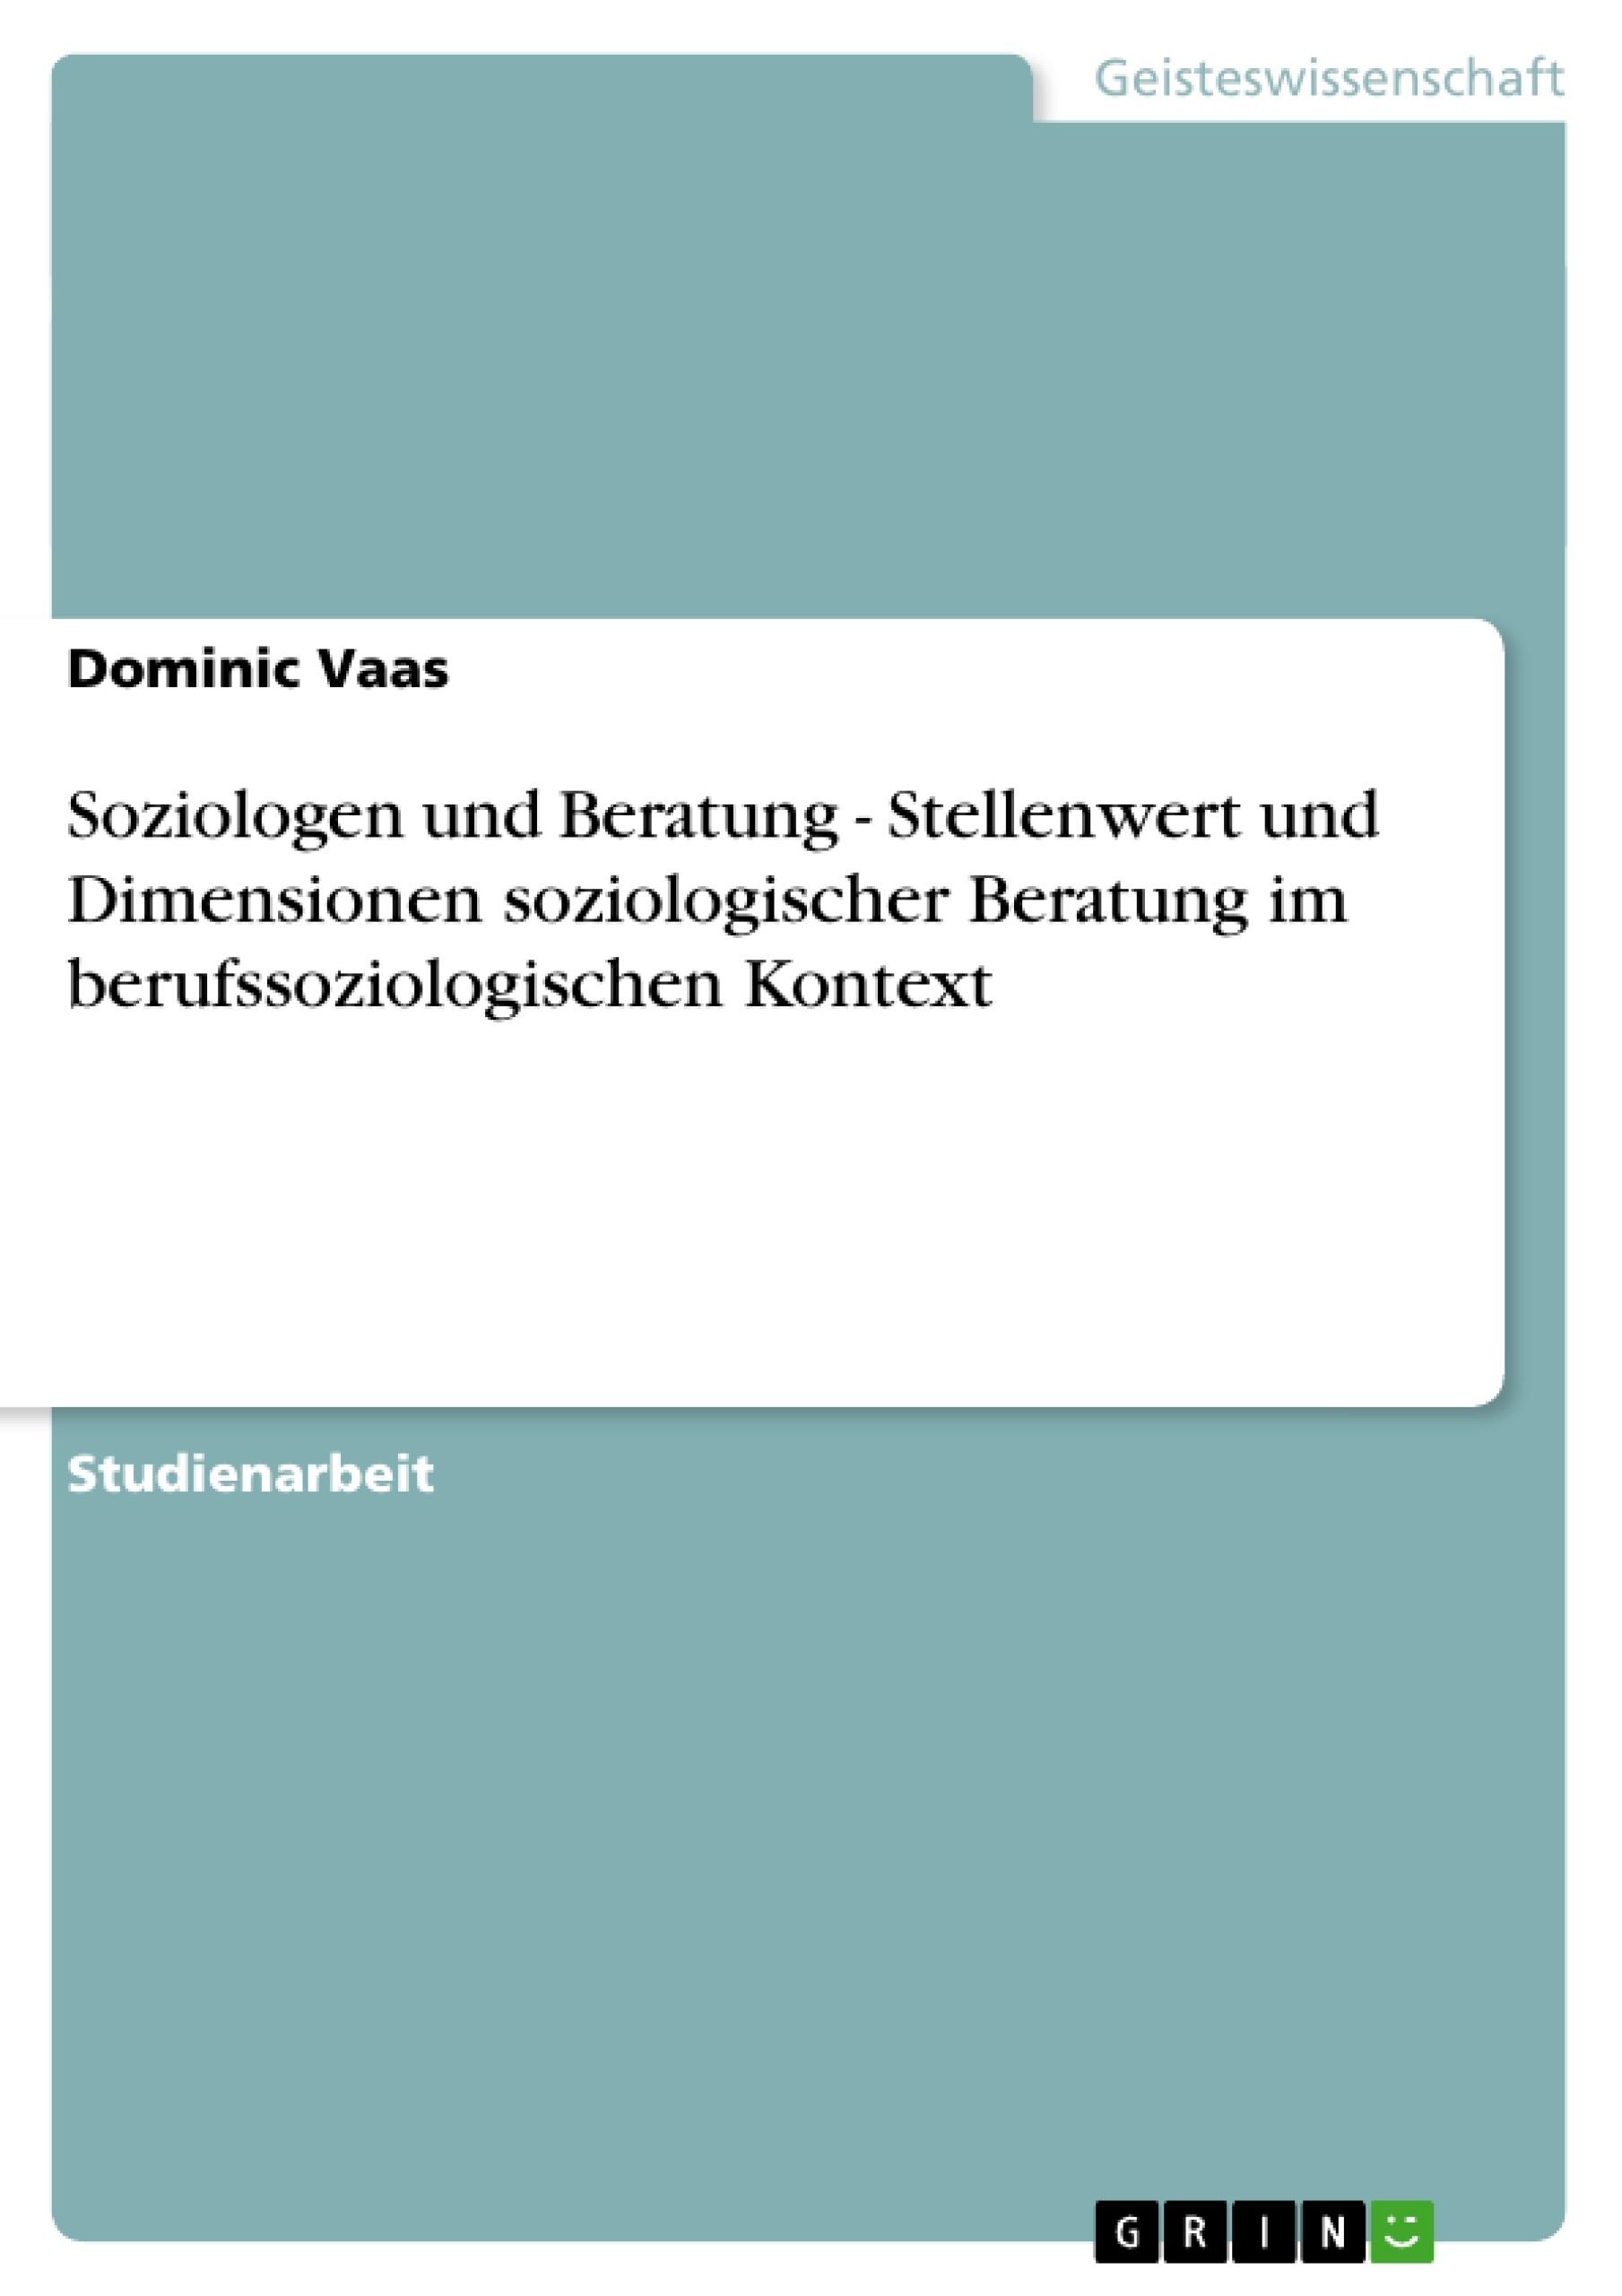 Titel: Soziologen und Beratung - Stellenwert und Dimensionen soziologischer Beratung im berufssoziologischen Kontext